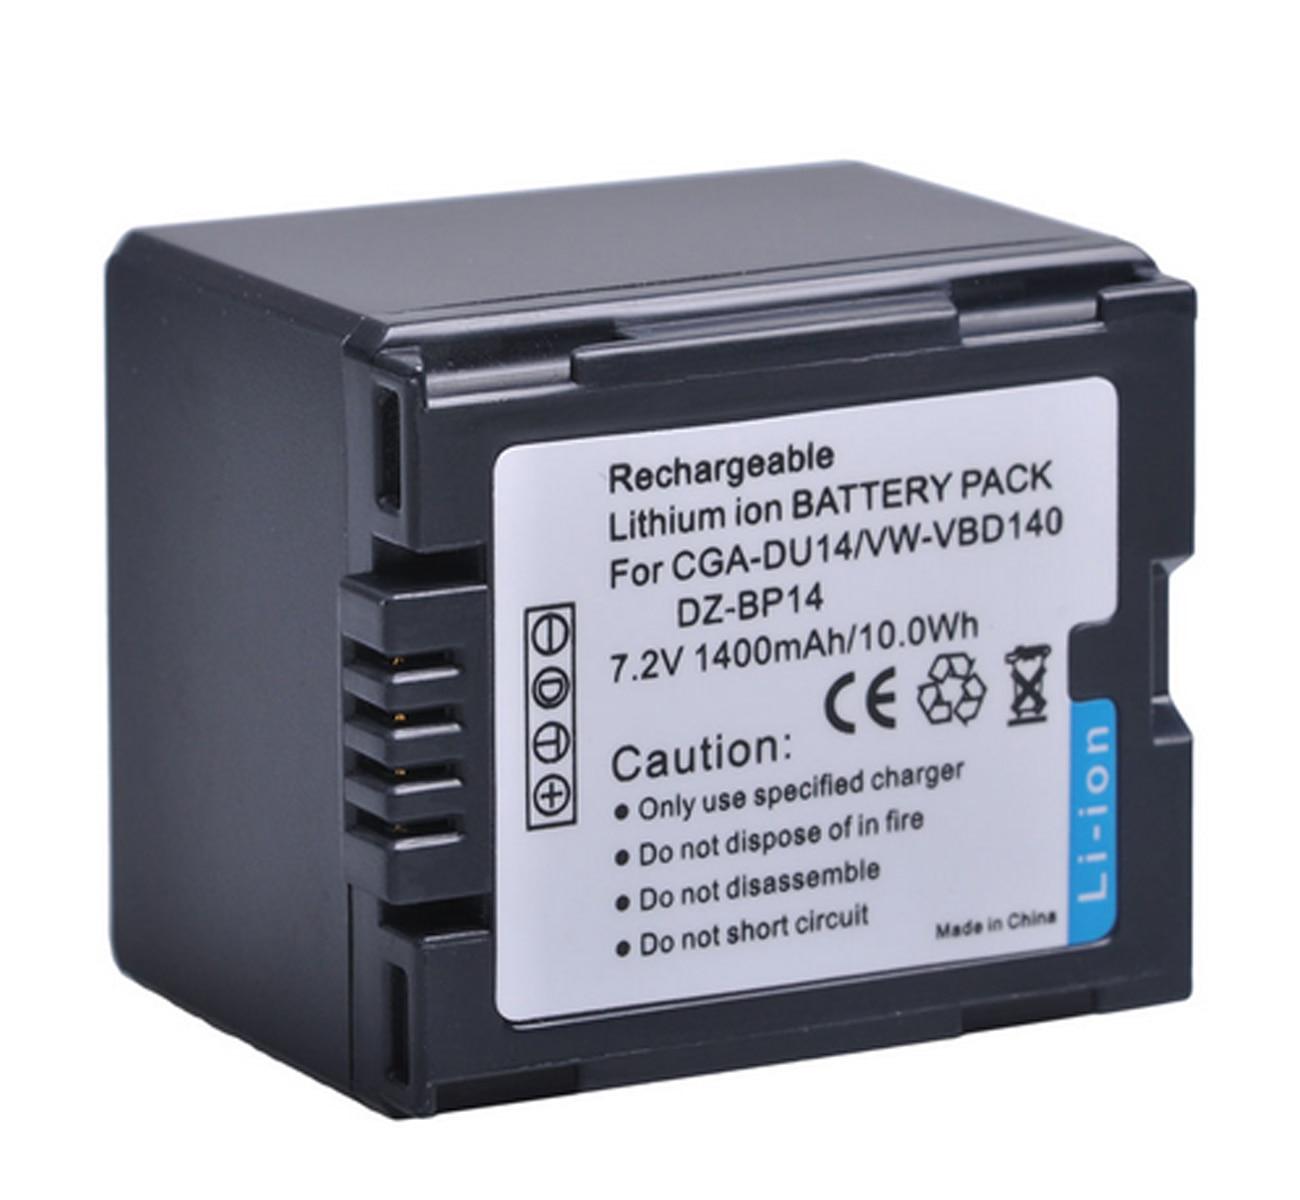 VDR-D400 Camcorder VDR-D310 LCD USB Battery Charger for Panasonic VDR-D250 VDR-D300